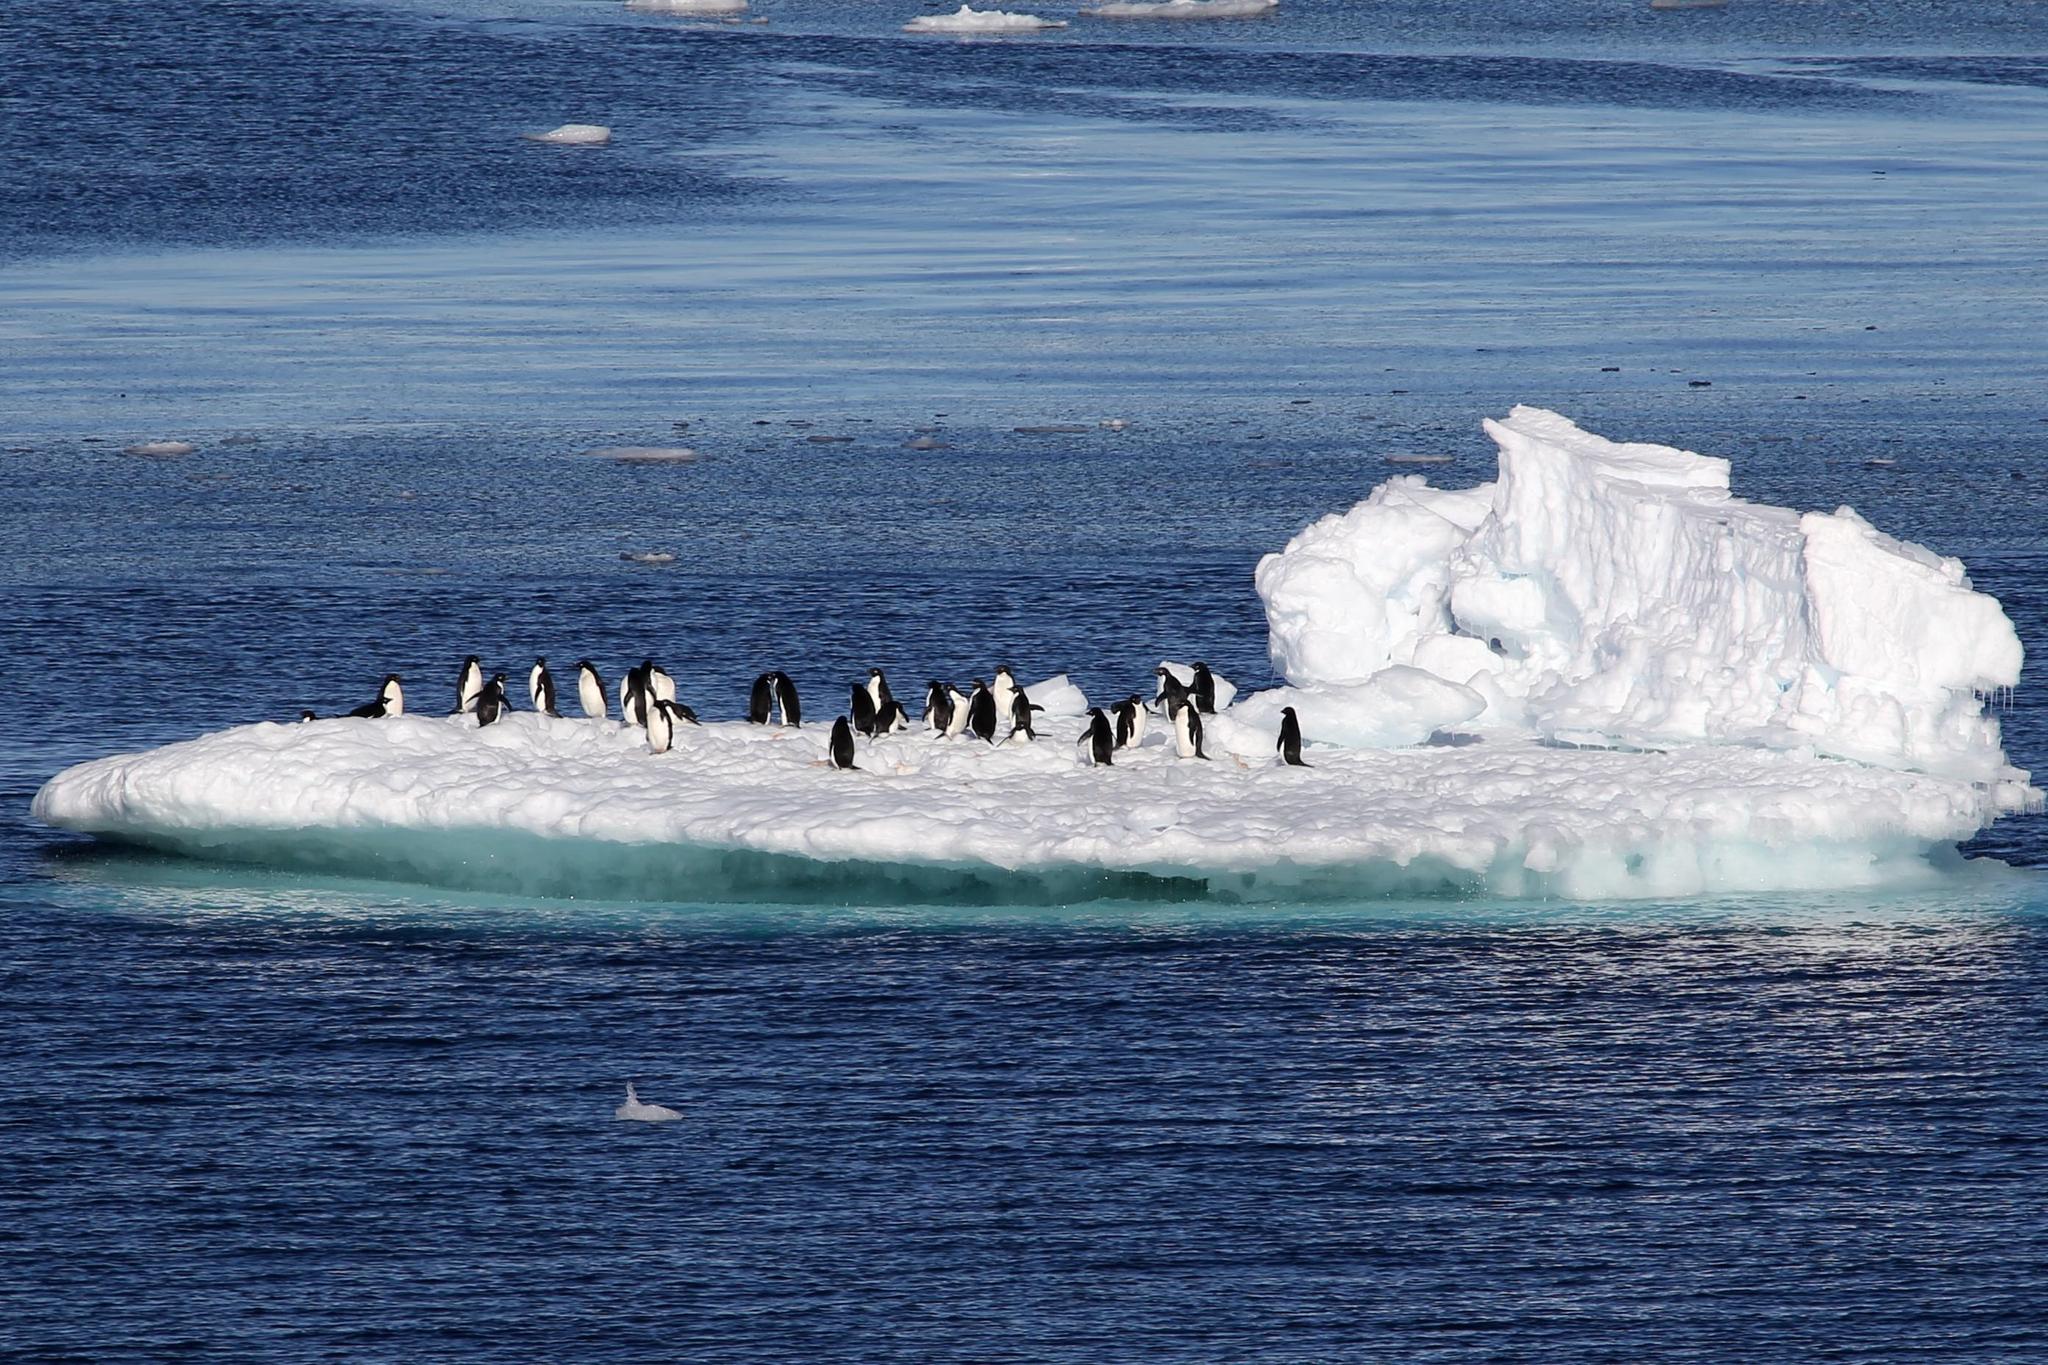 중국 제35차 남극 과학탐사대 쇄빙선 쉐룽(雪龍)호가 19일 신화통신을 통해 공개한 남극의 펭귄들.[신화=연합뉴스]